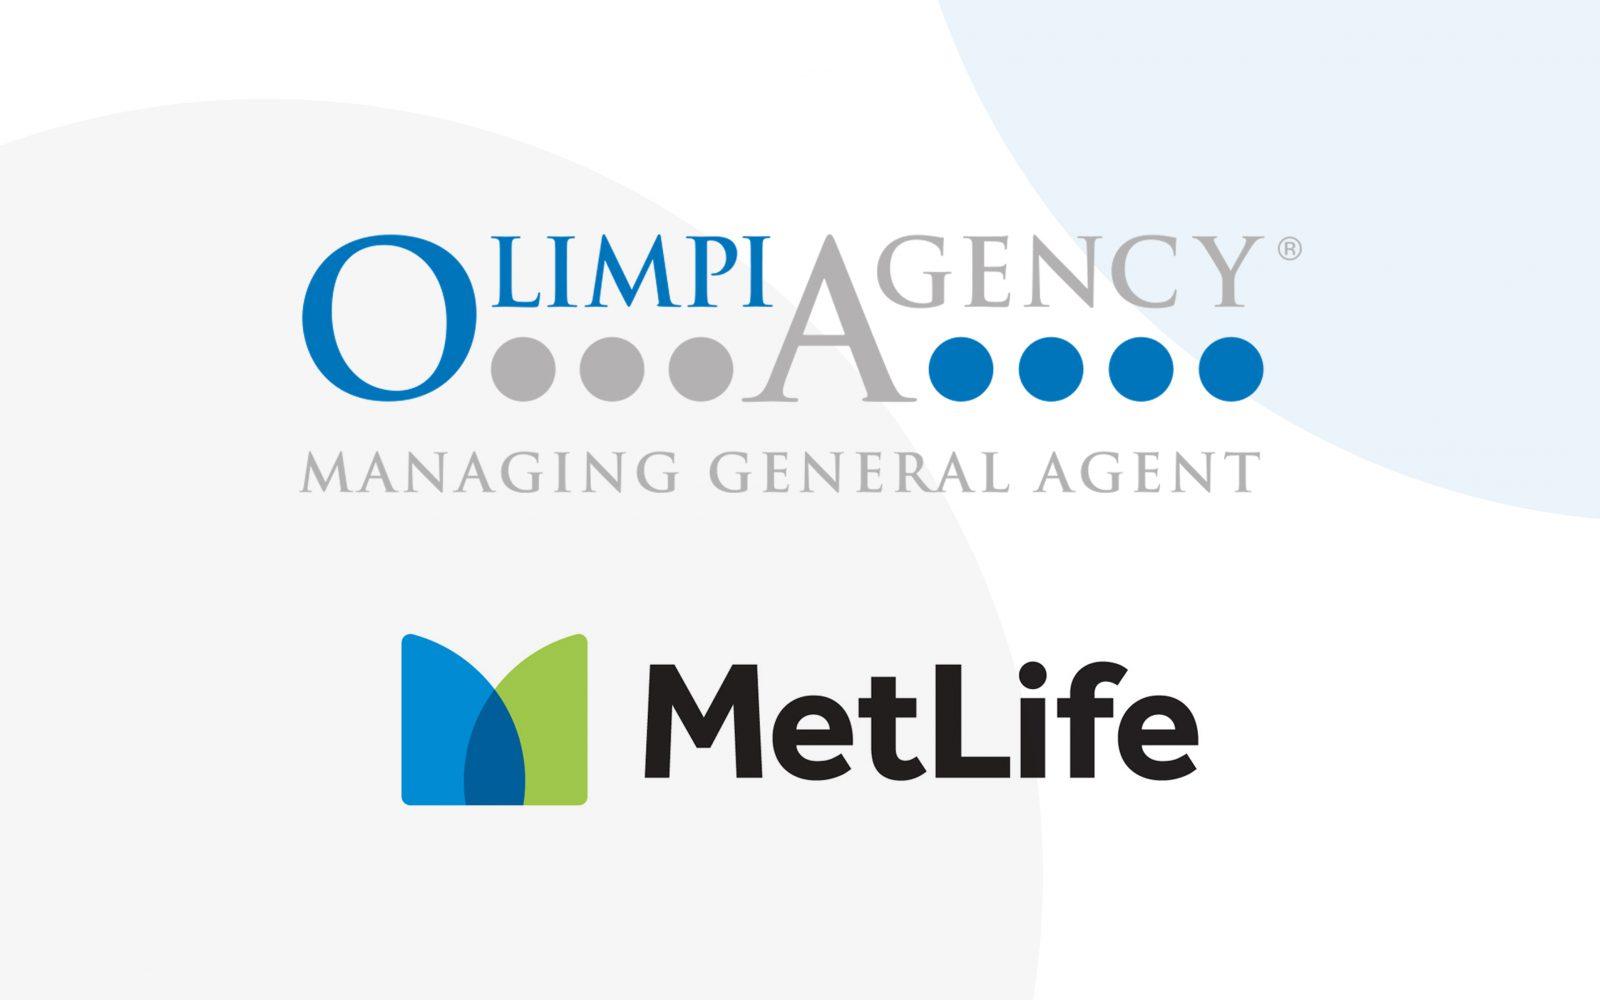 Olimpia - MetLife